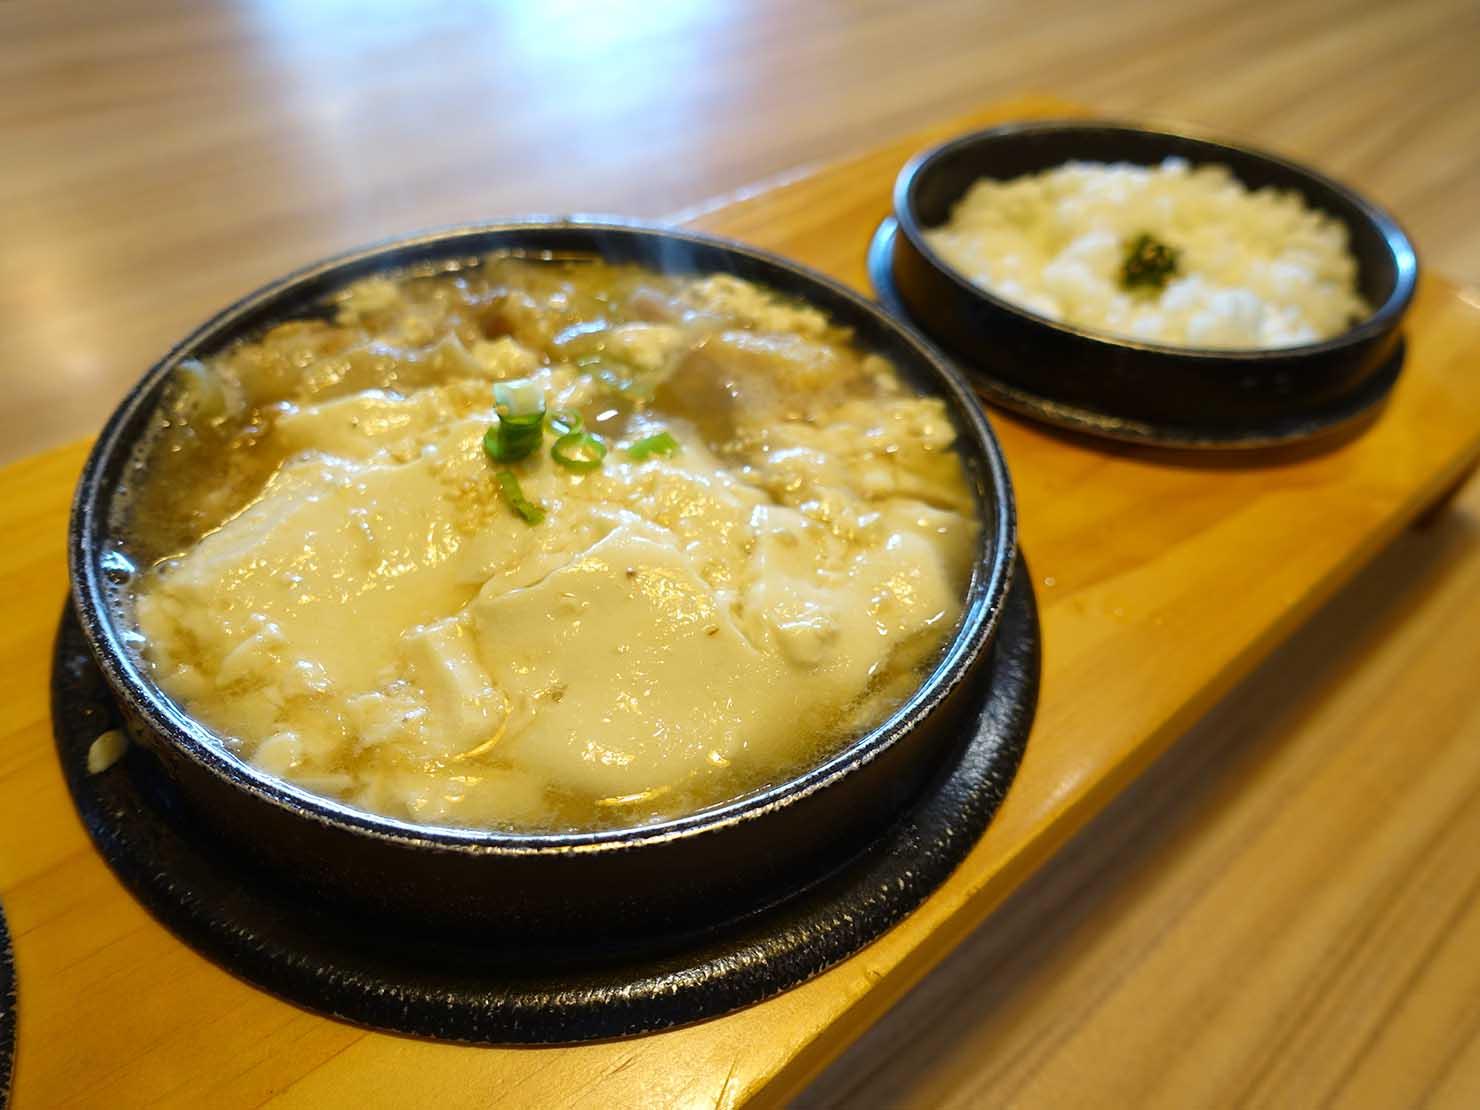 台東・鐵花村の近くで食べた豆腐鍋